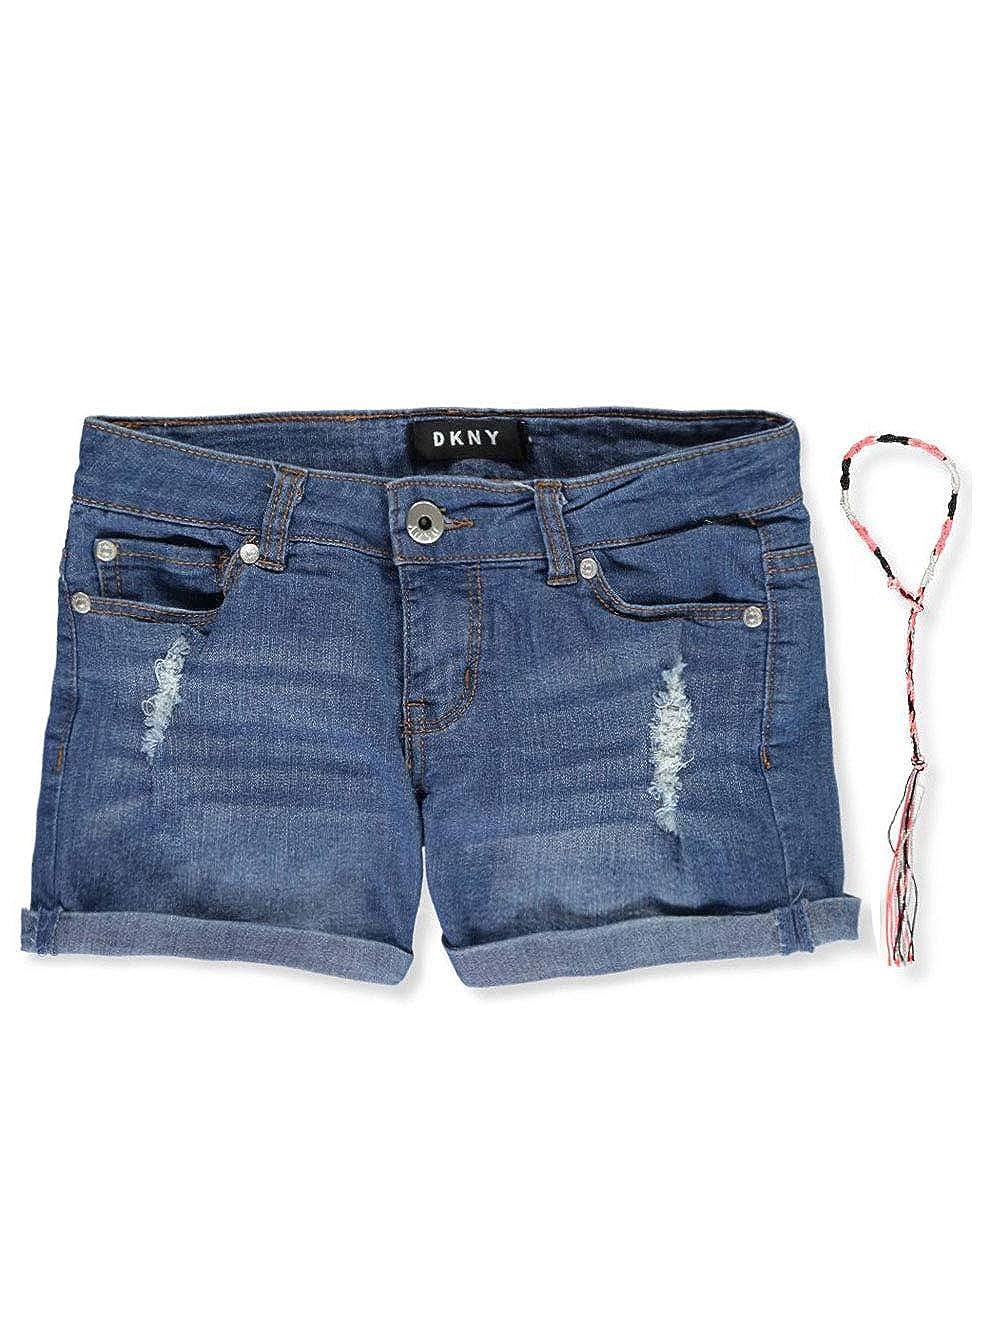 Amazon.com: DKNY - Pantalón corto para niña (diseño vaquero ...